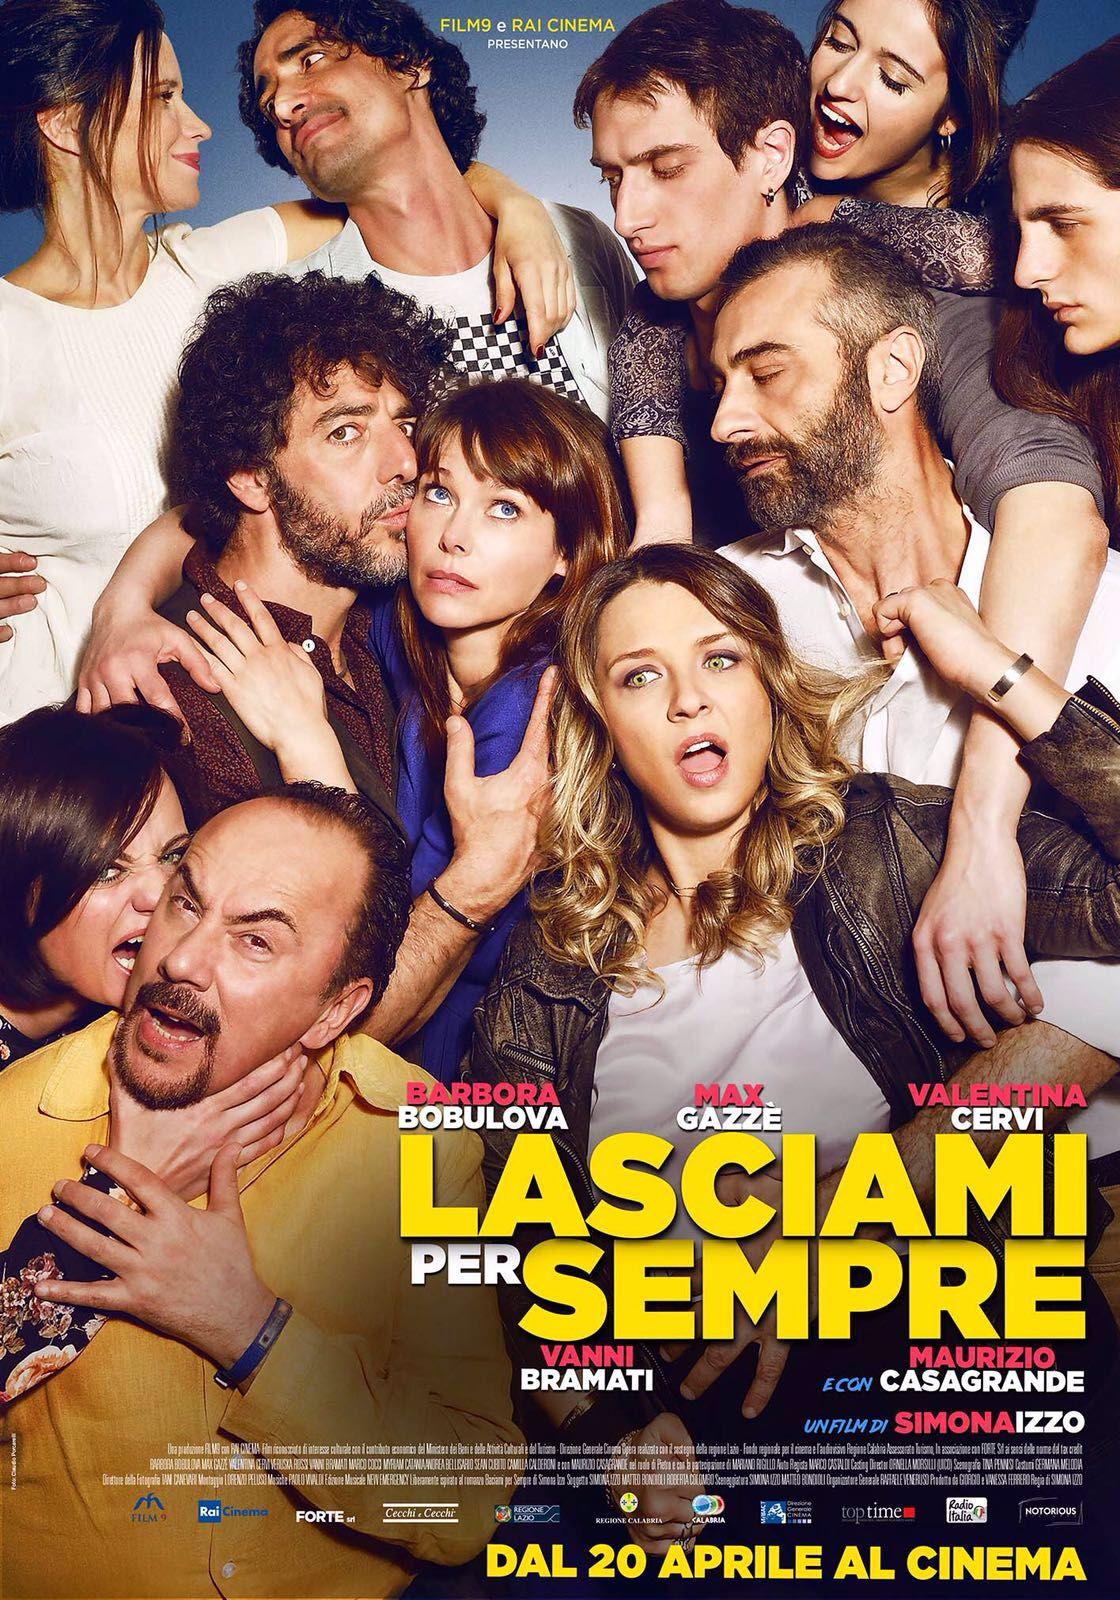 LASCIAMI PER SEMPRE (DVD)